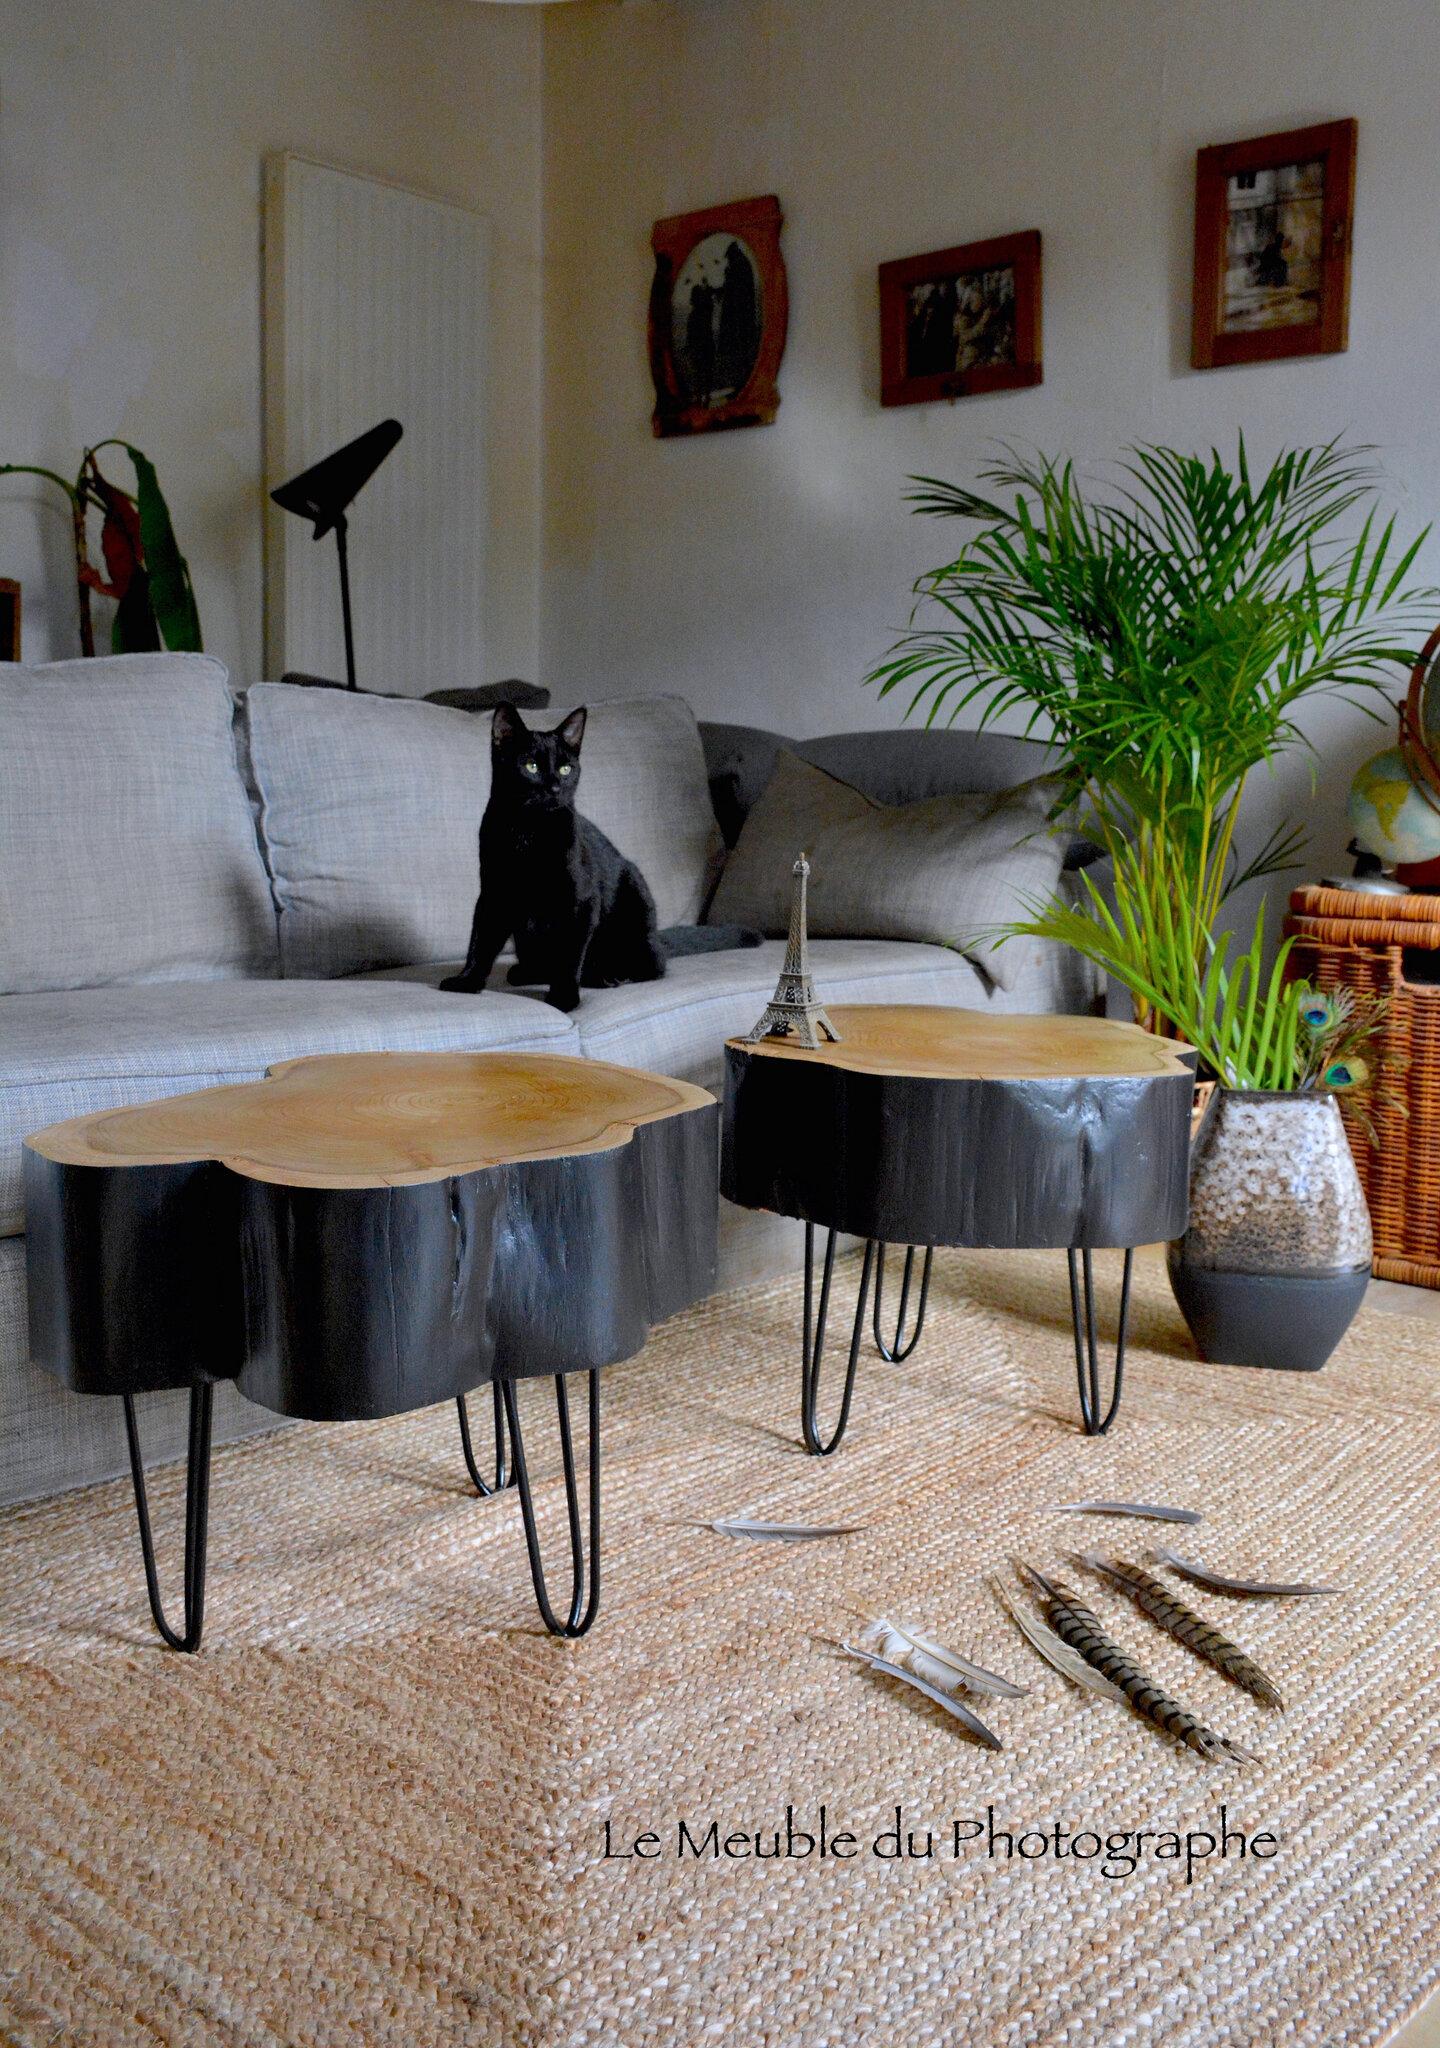 Marie Claire Maison Jardin Recup a la maison: déco recup - barbatruc et récup